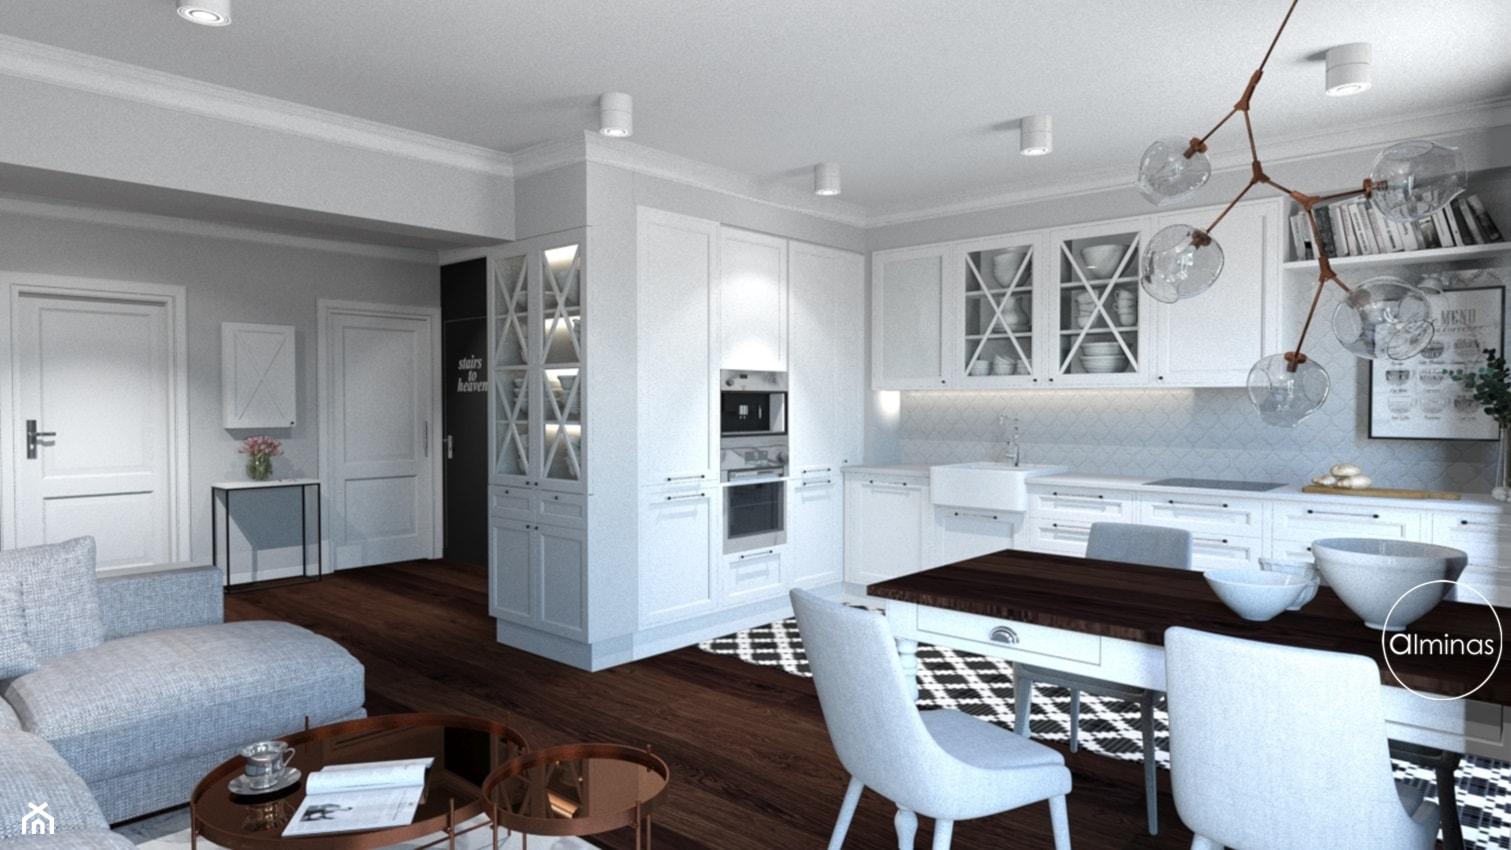 Klasyczna elegancja - Mały szary salon z kuchnią z jadalnią, styl klasyczny - zdjęcie od ALMINAS WNĘTRZA - Homebook